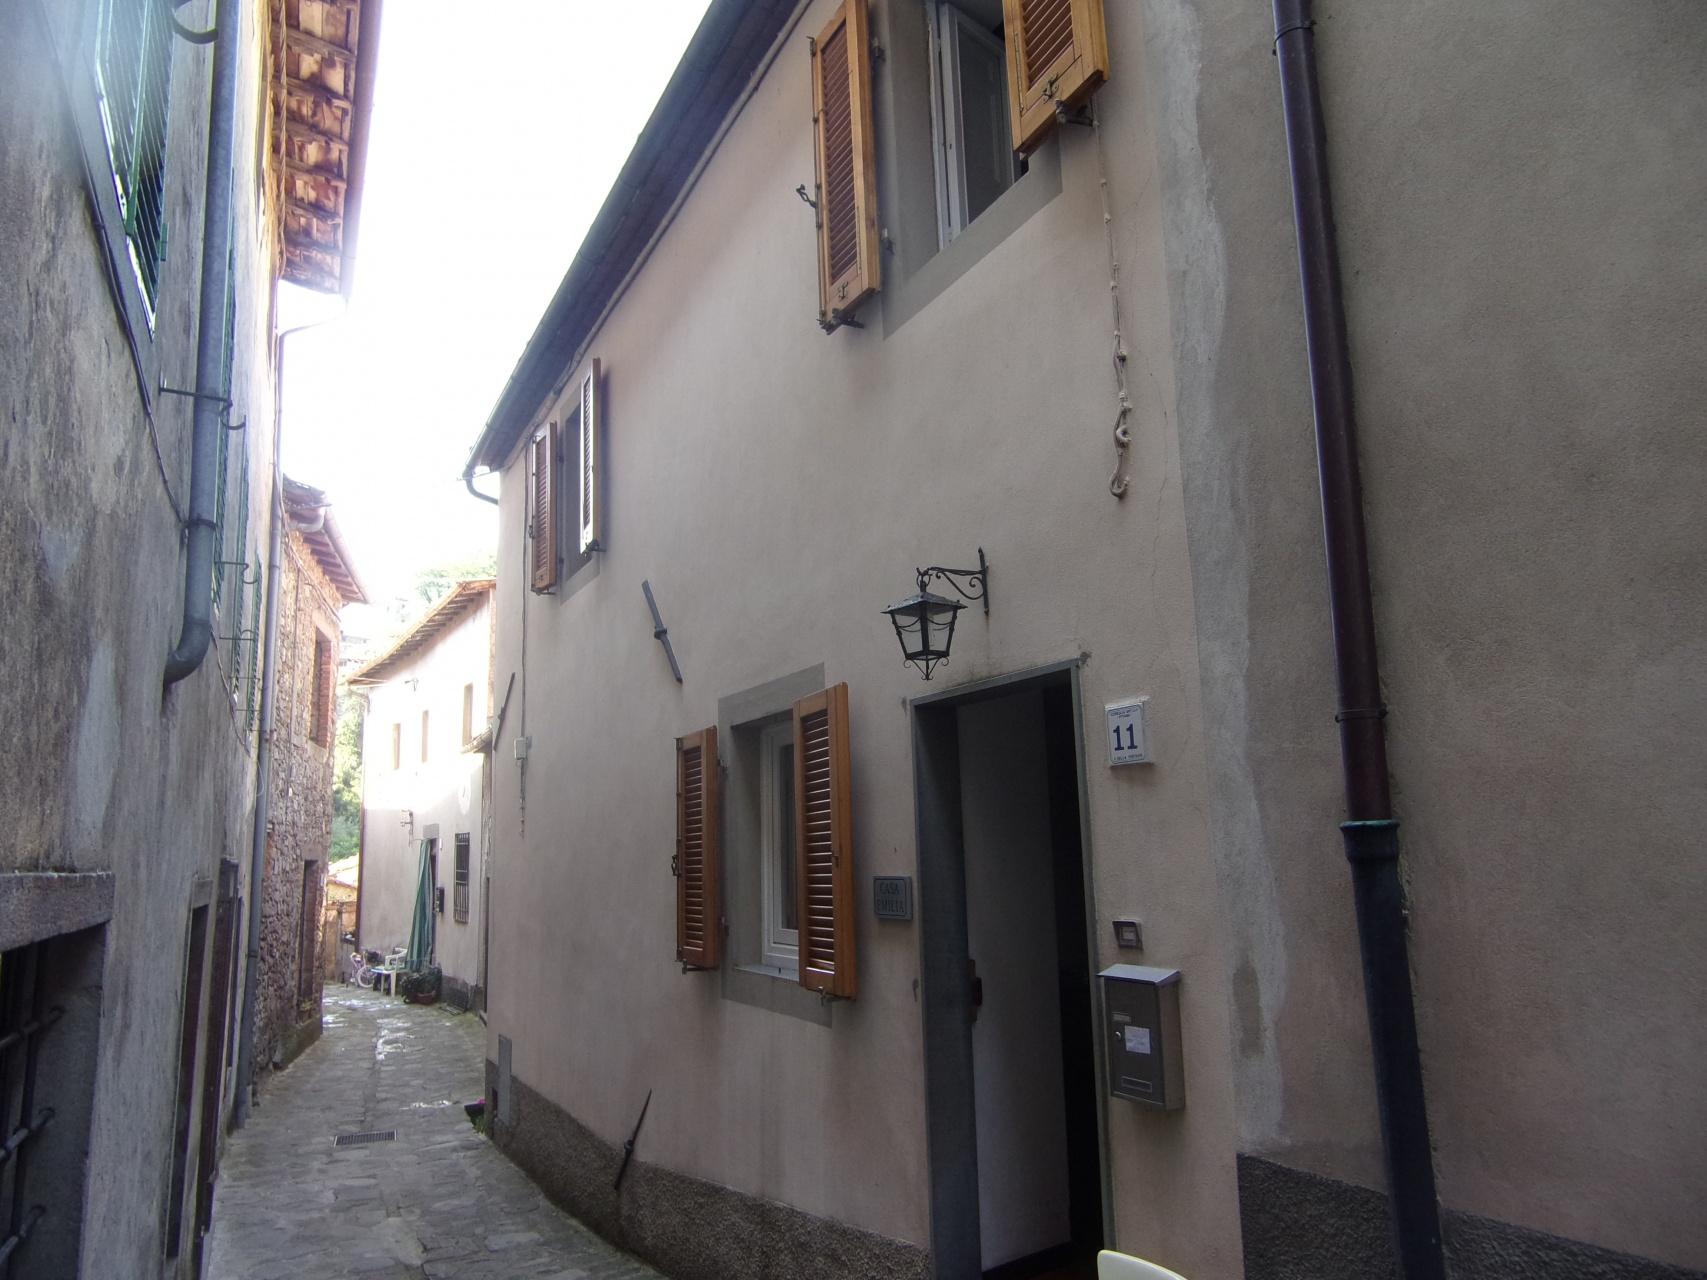 foto Piacevole casa di paese con terrazza situata a Vitiana, Coreglia Anteminelli, Toscana